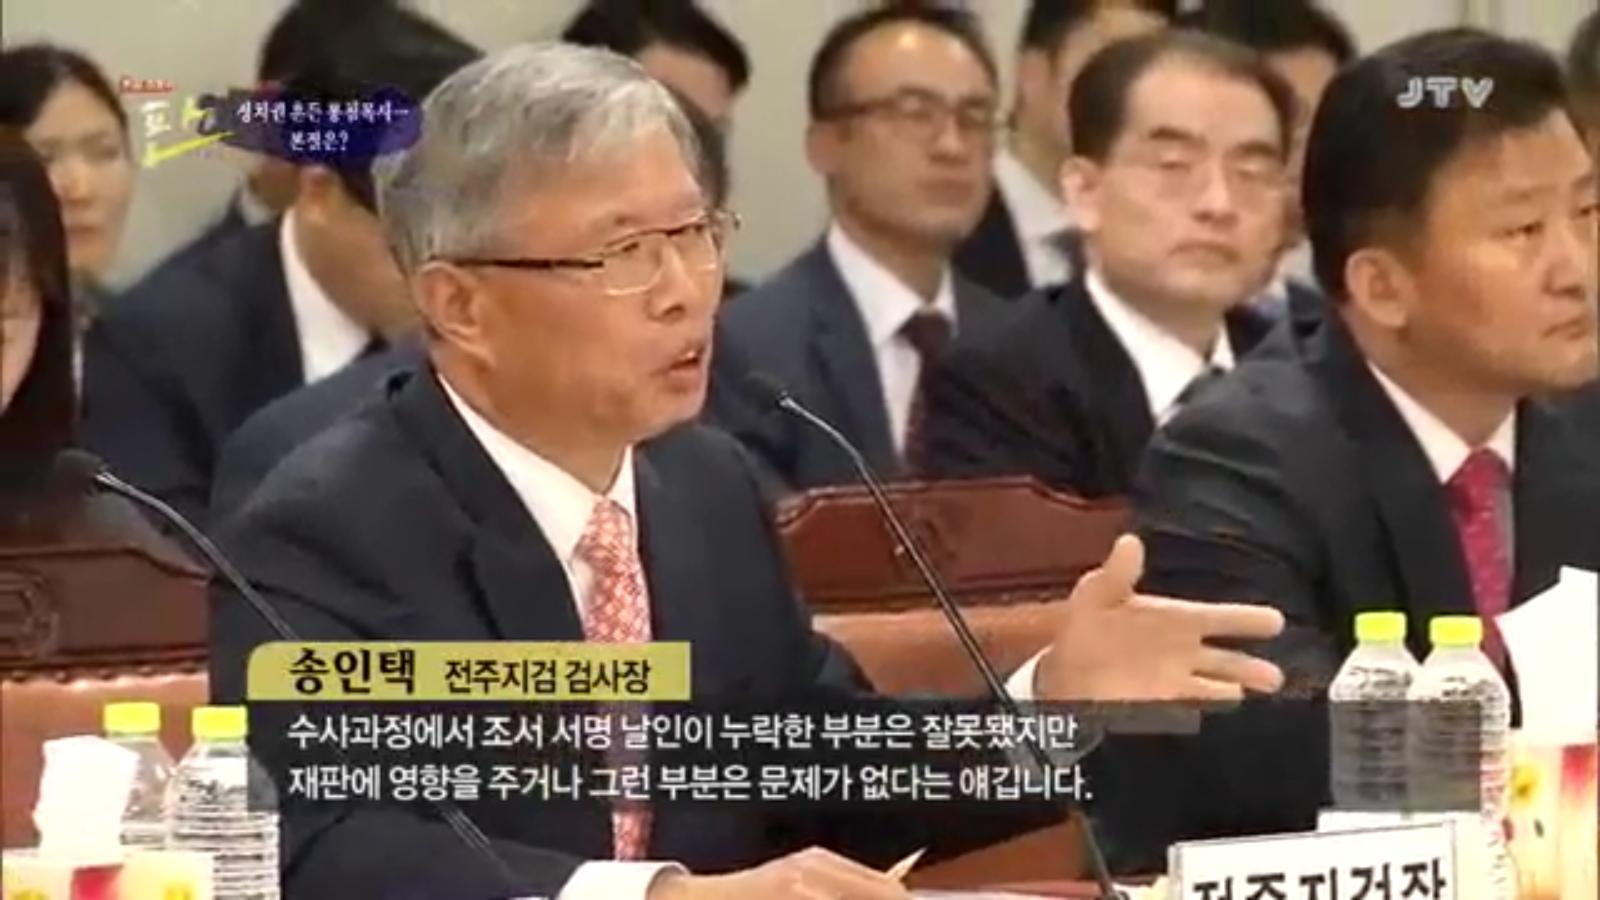 [18.4.13 JTV] 전주 봉침게이트, 정치권 흔든 봉침목사...본질은27.jpg